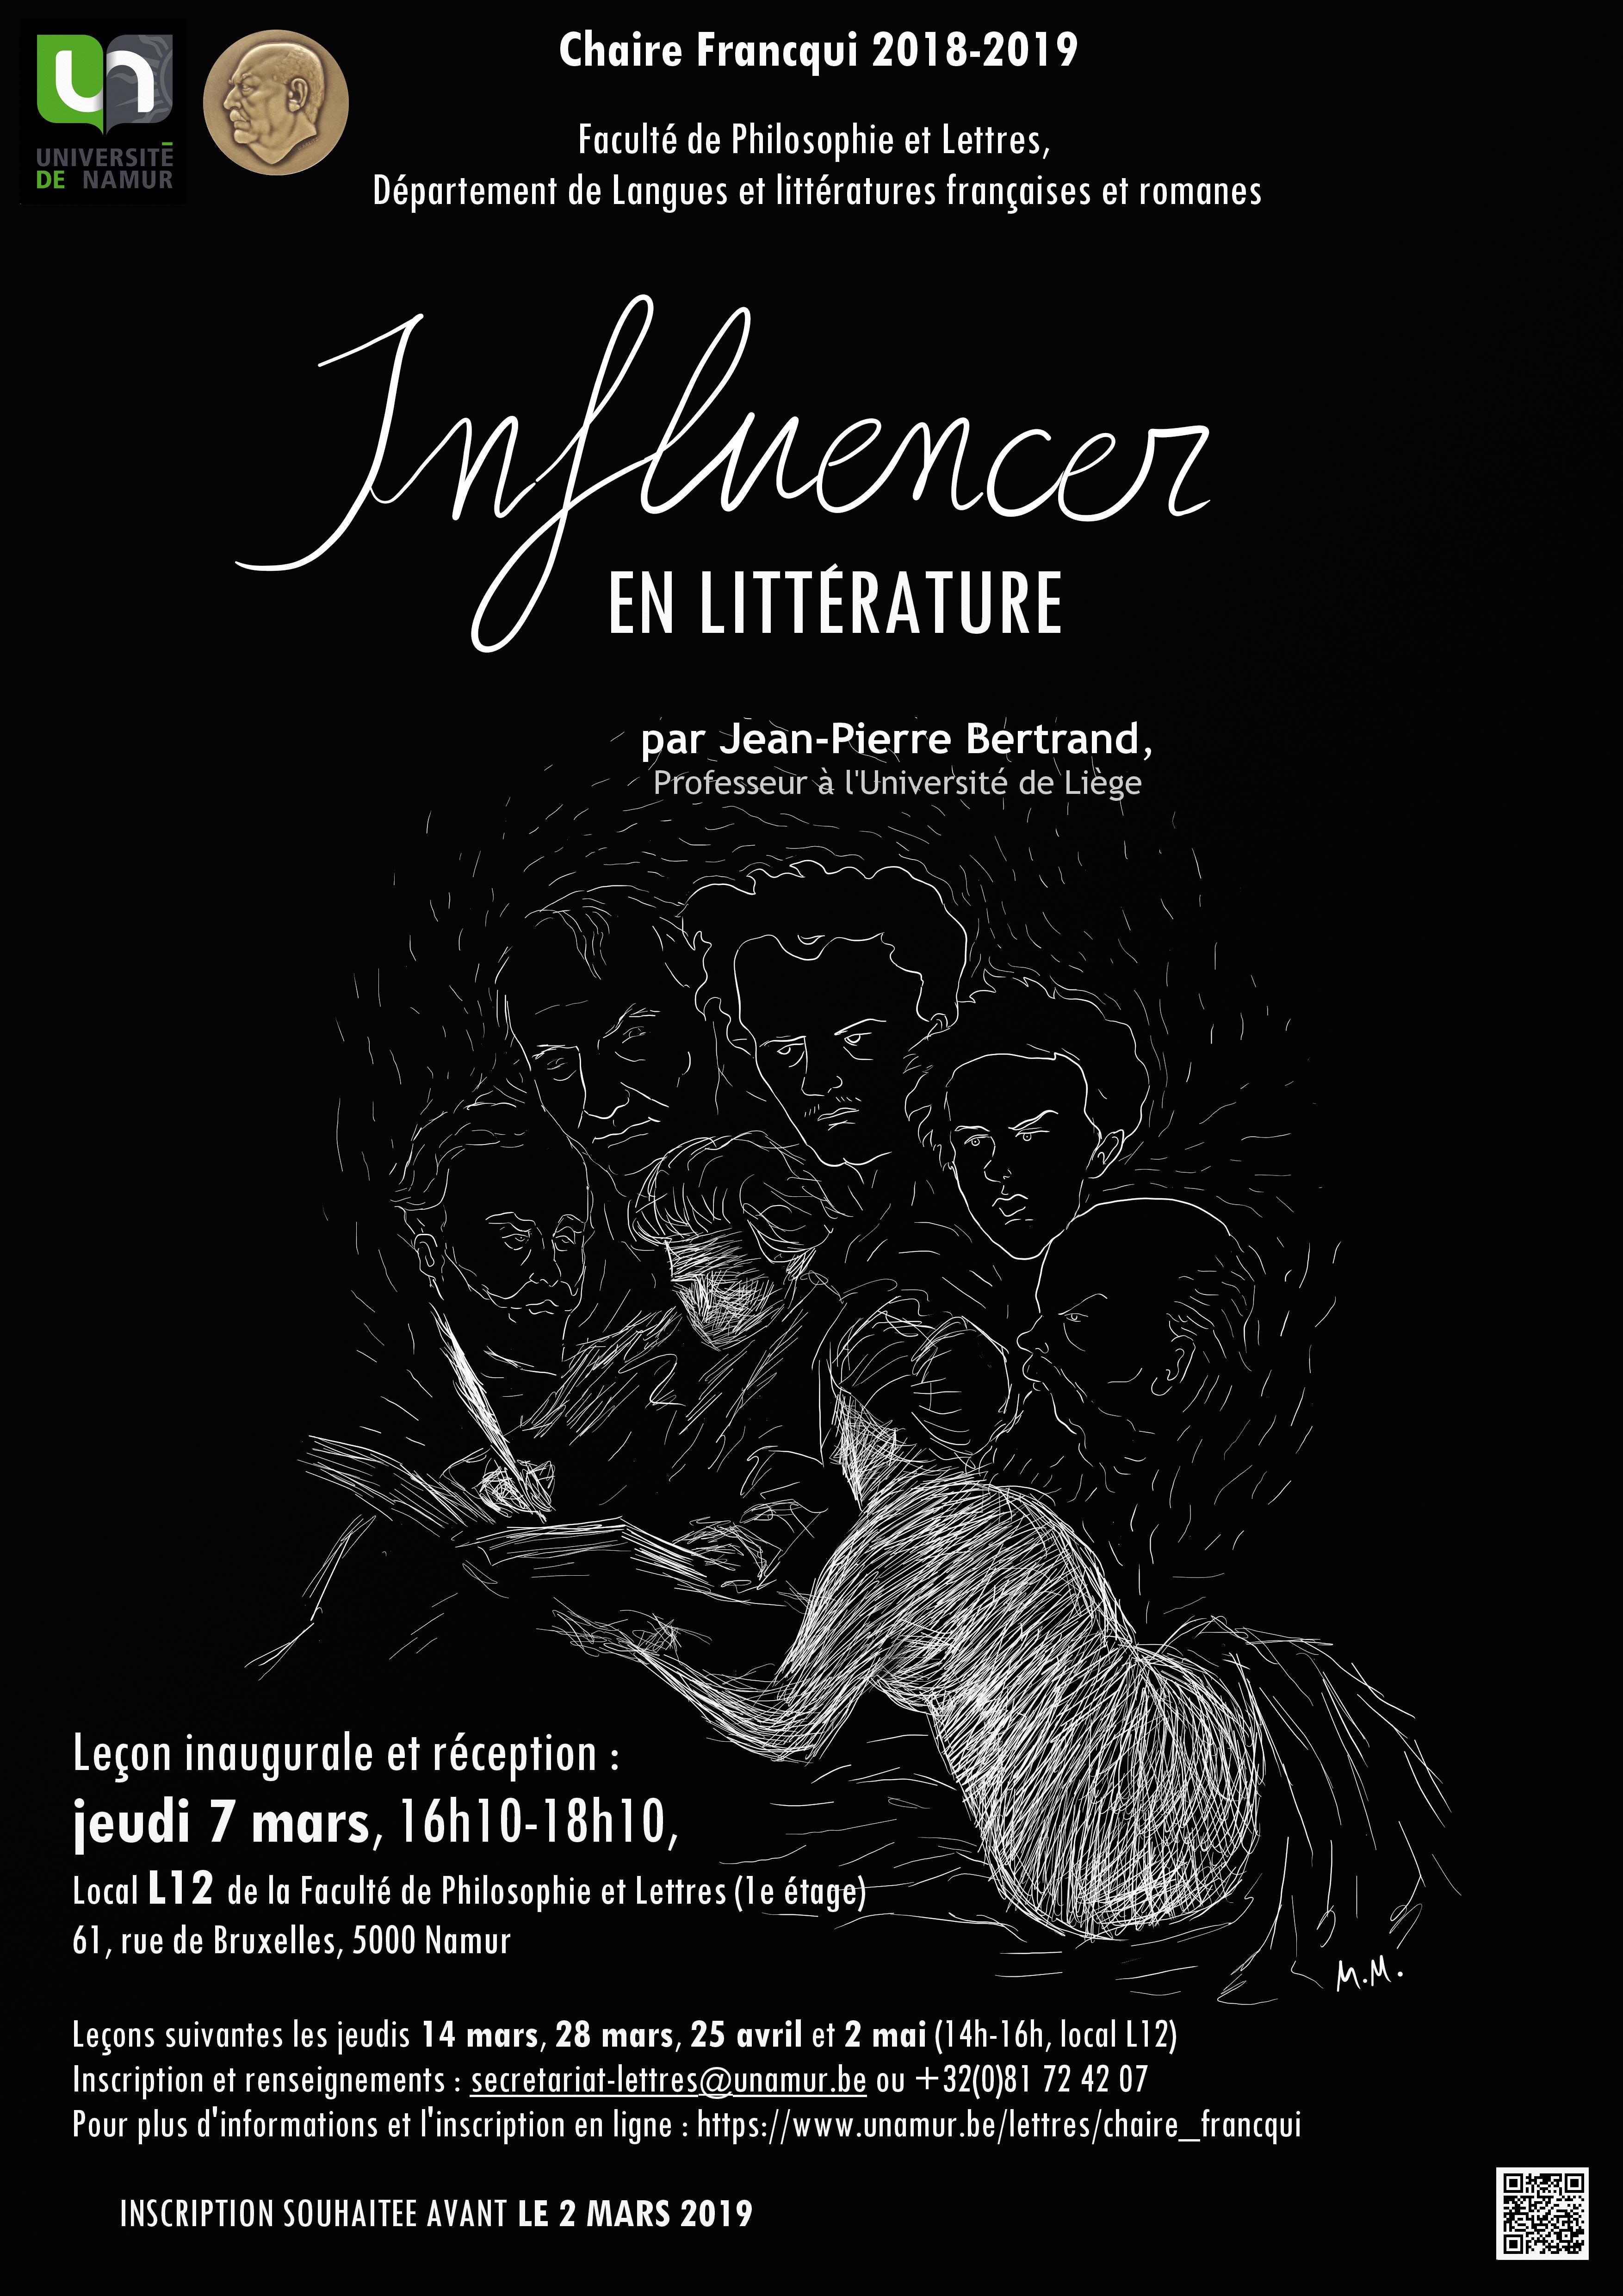 Affiche Chaire Francqui 2018-2019